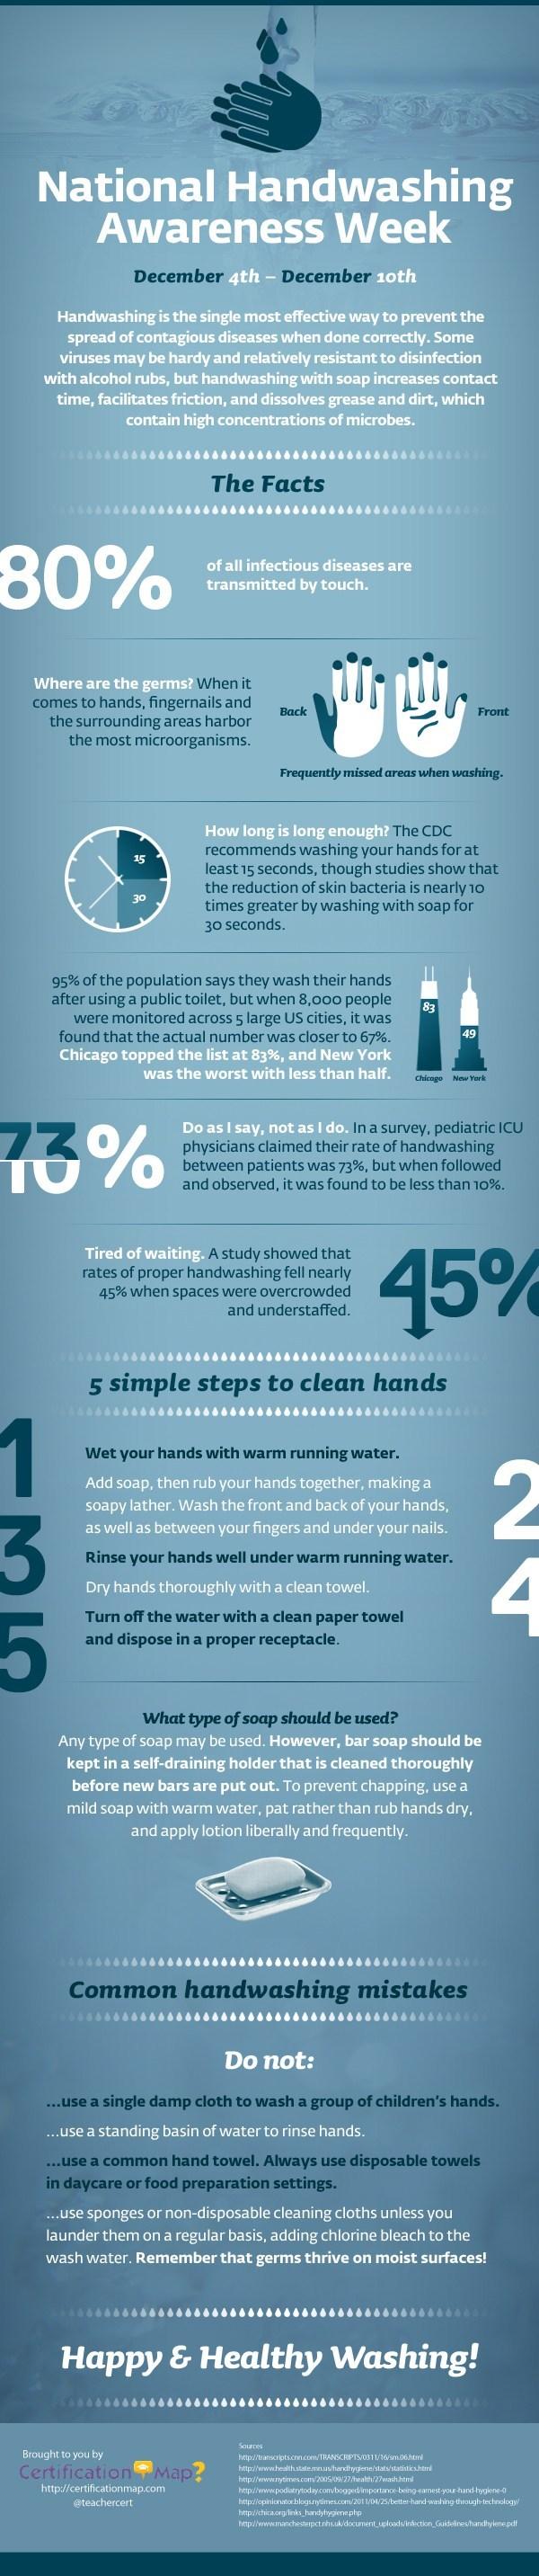 National Handwashing Awareness Week Infographic